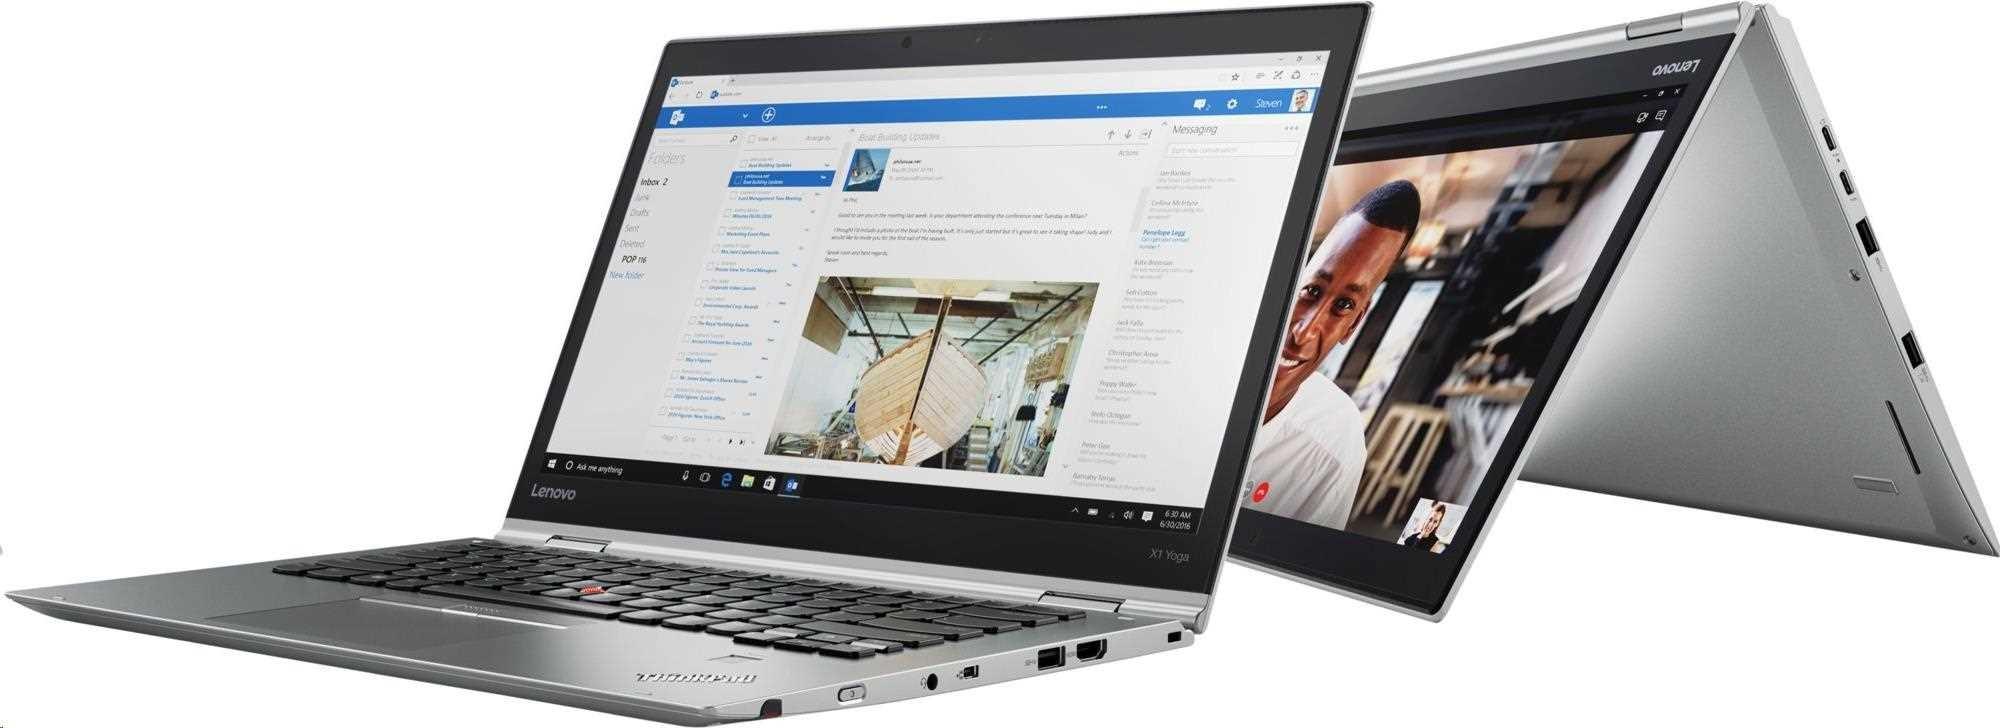 """LENOVO TP X1 Yoga 3rd 14"""" touch HDR 2560x1440 IPS, i7-8550U,16GB,512SSD,UHD620,LTE,W10P,stříbrný,3r on-site"""